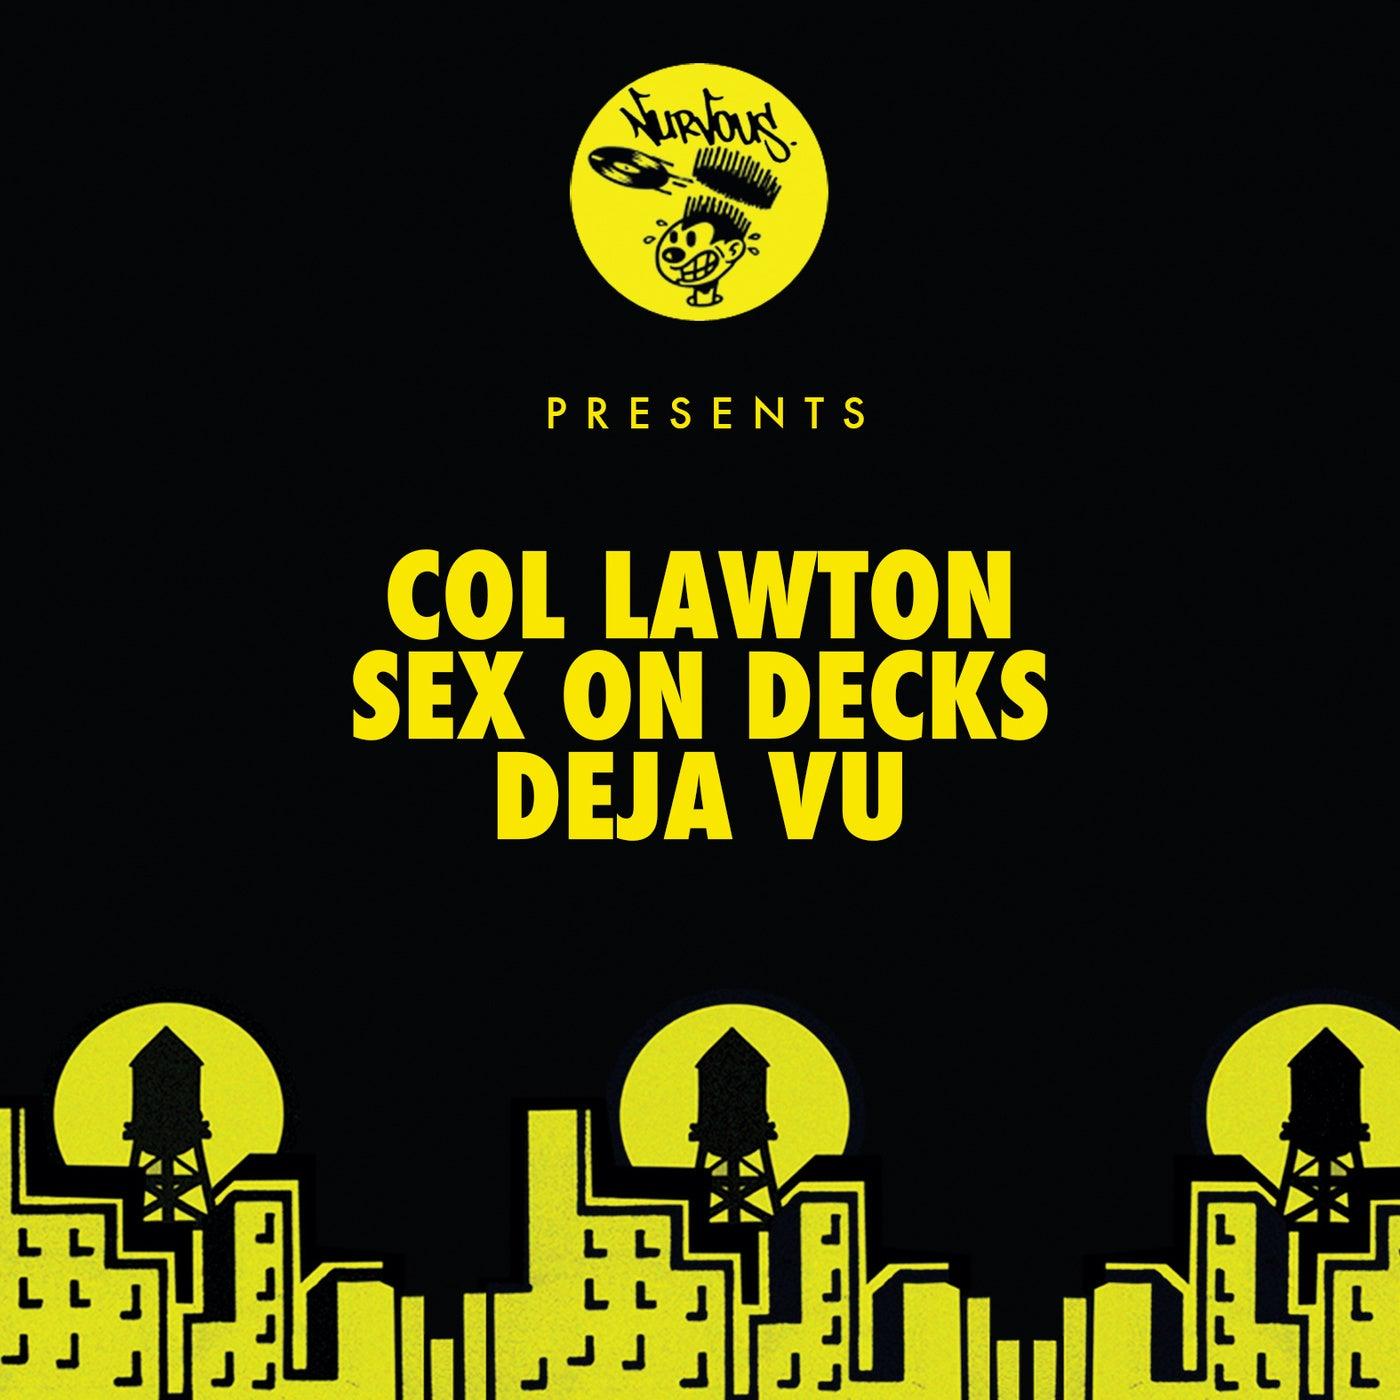 Deja Vu (Original Mix)